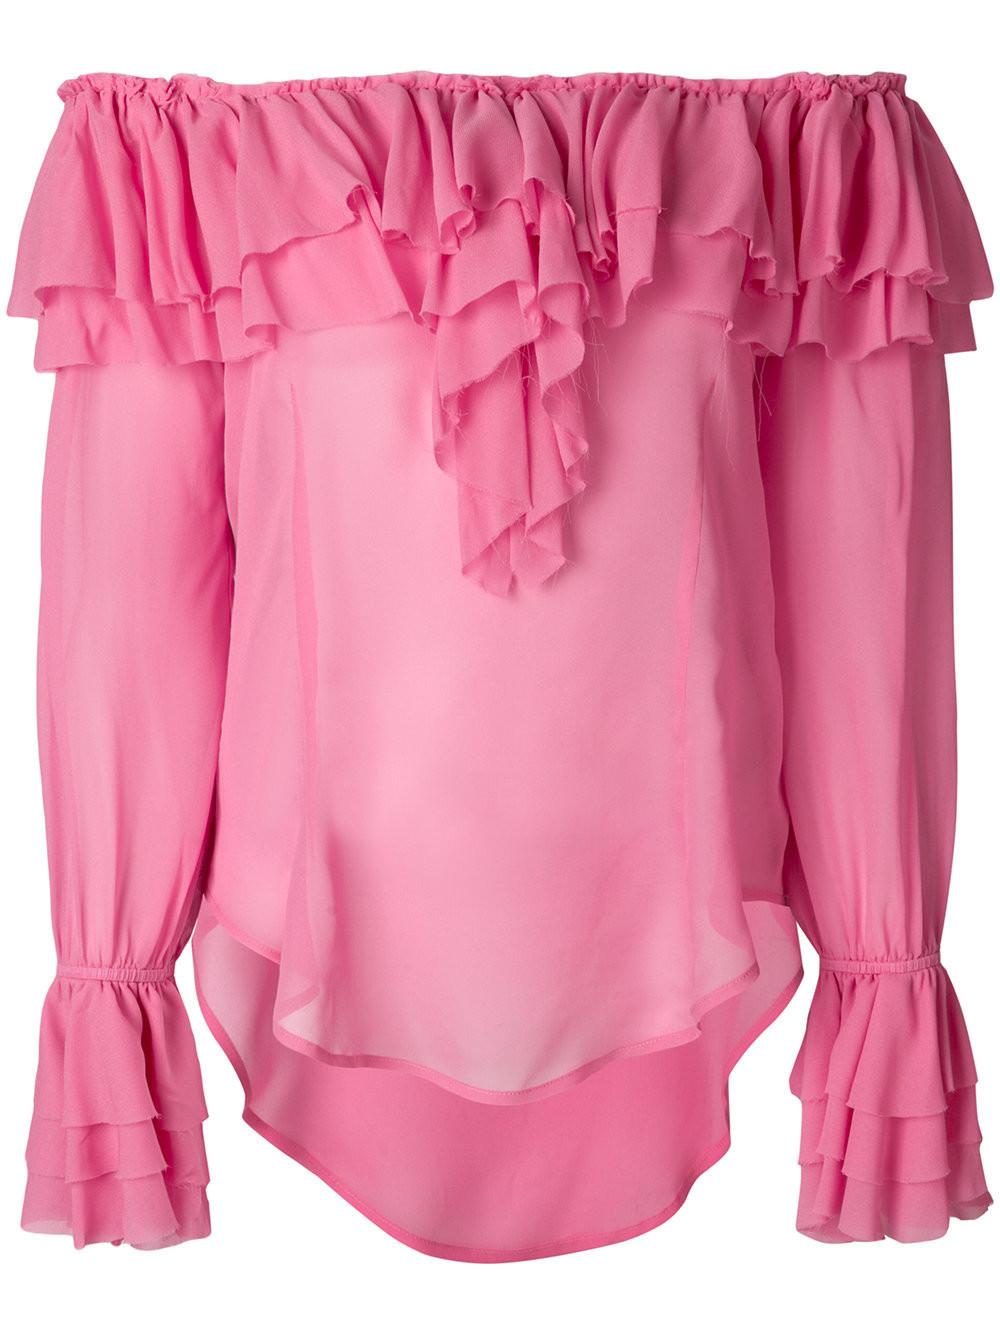 Купить Блузку С Рюшами